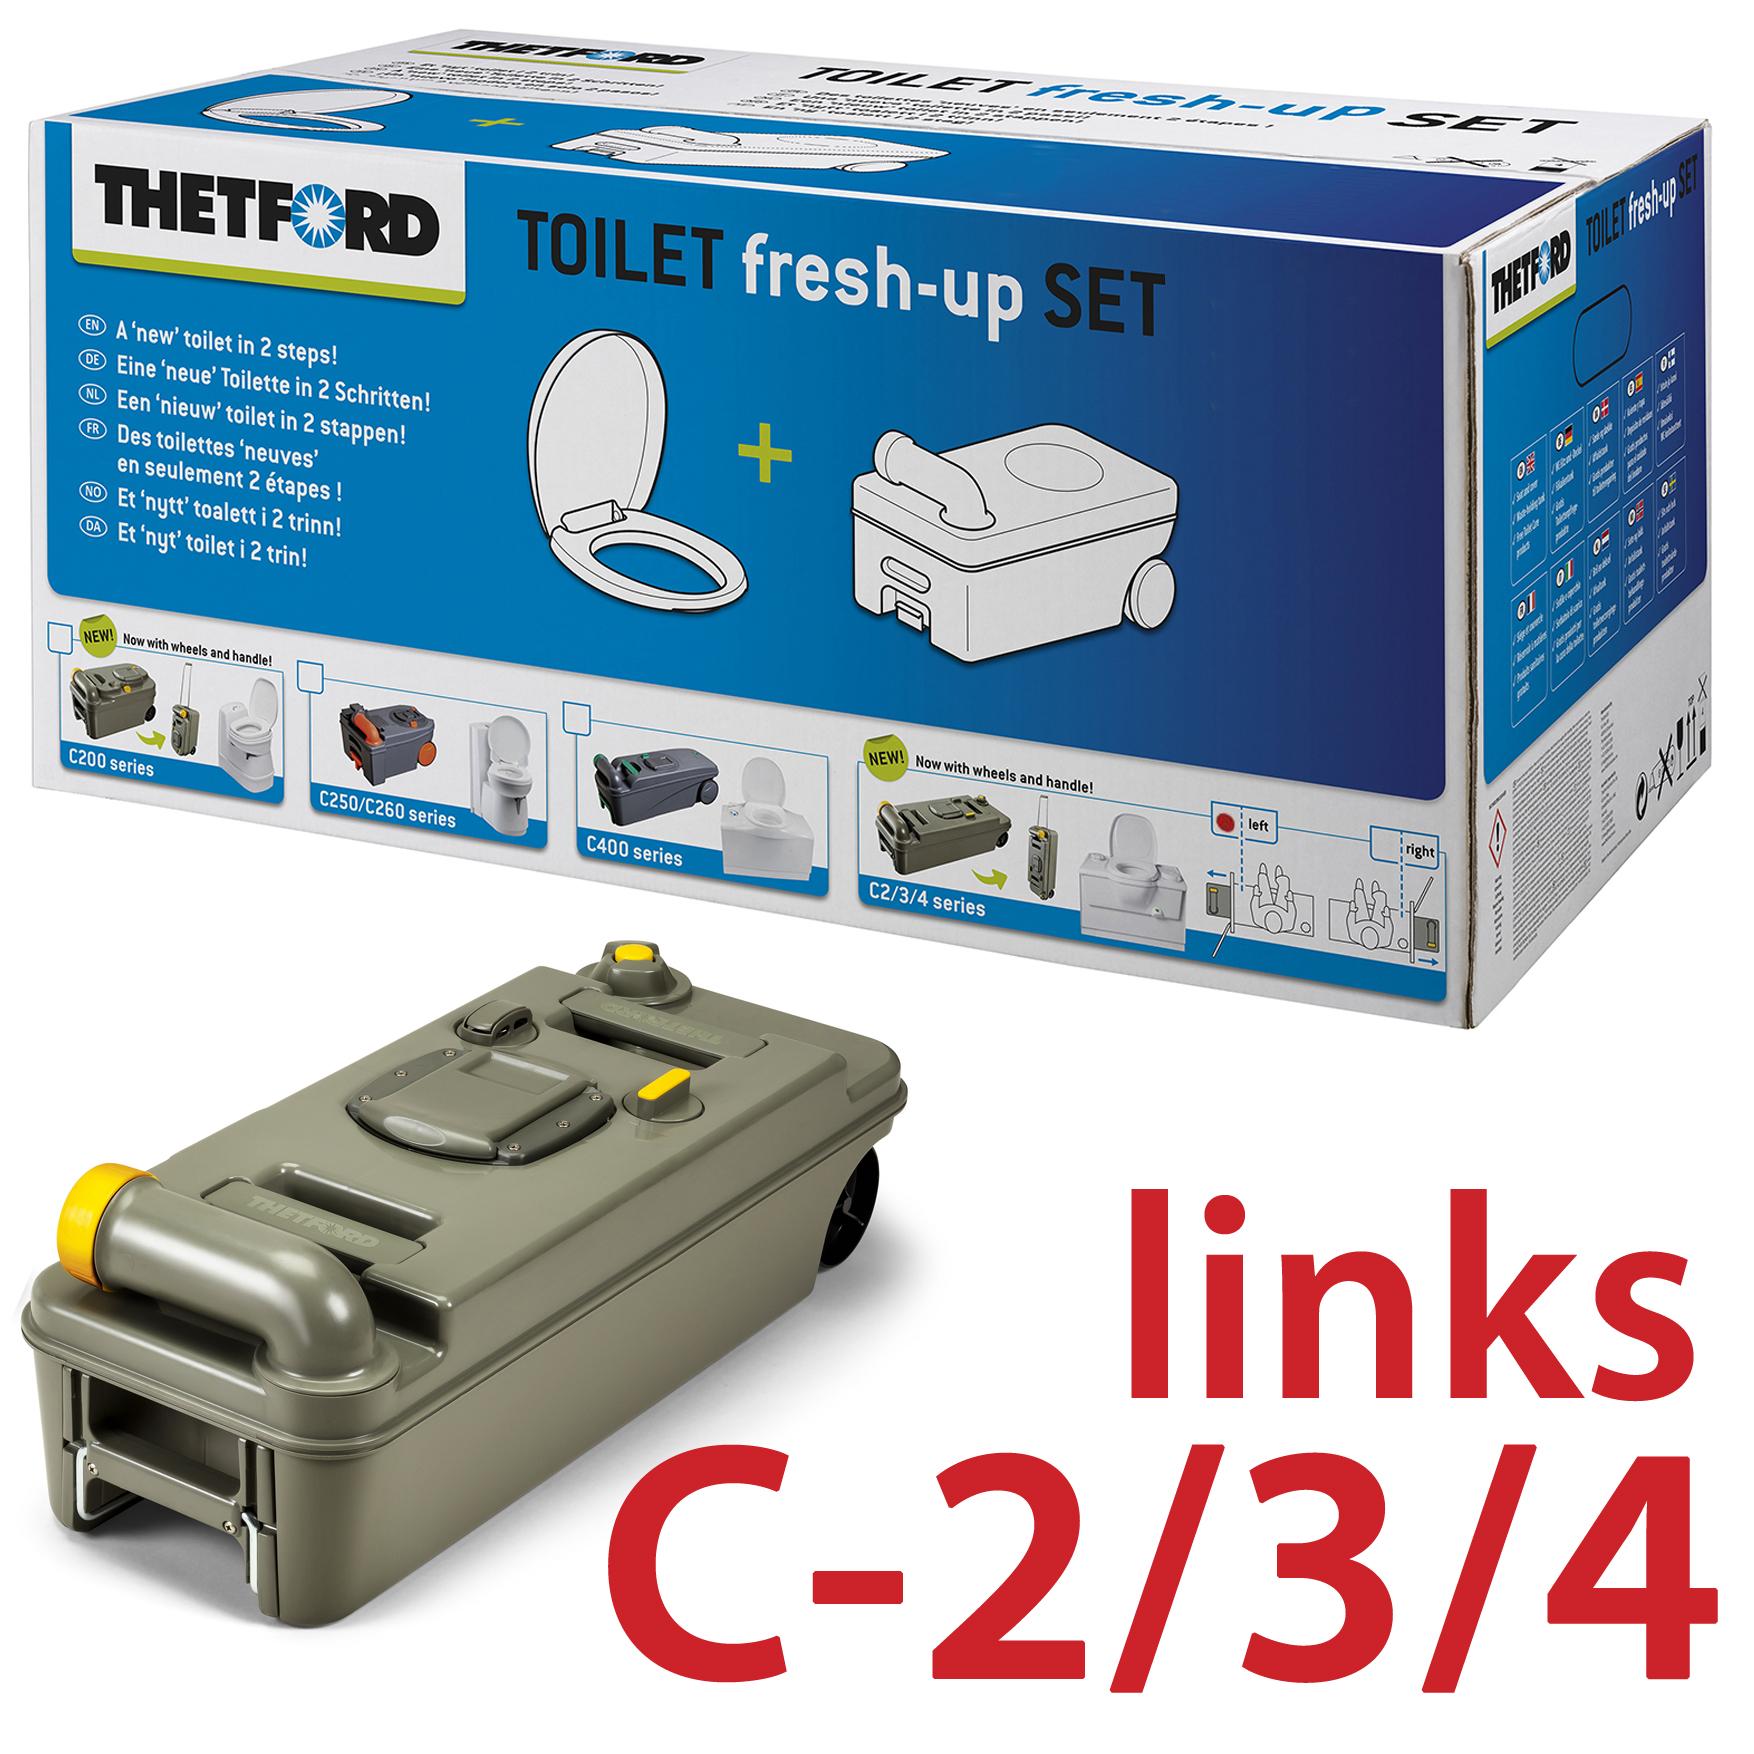 Abwassertank Thetford Casetten Toilette C200 Fresh Up Set